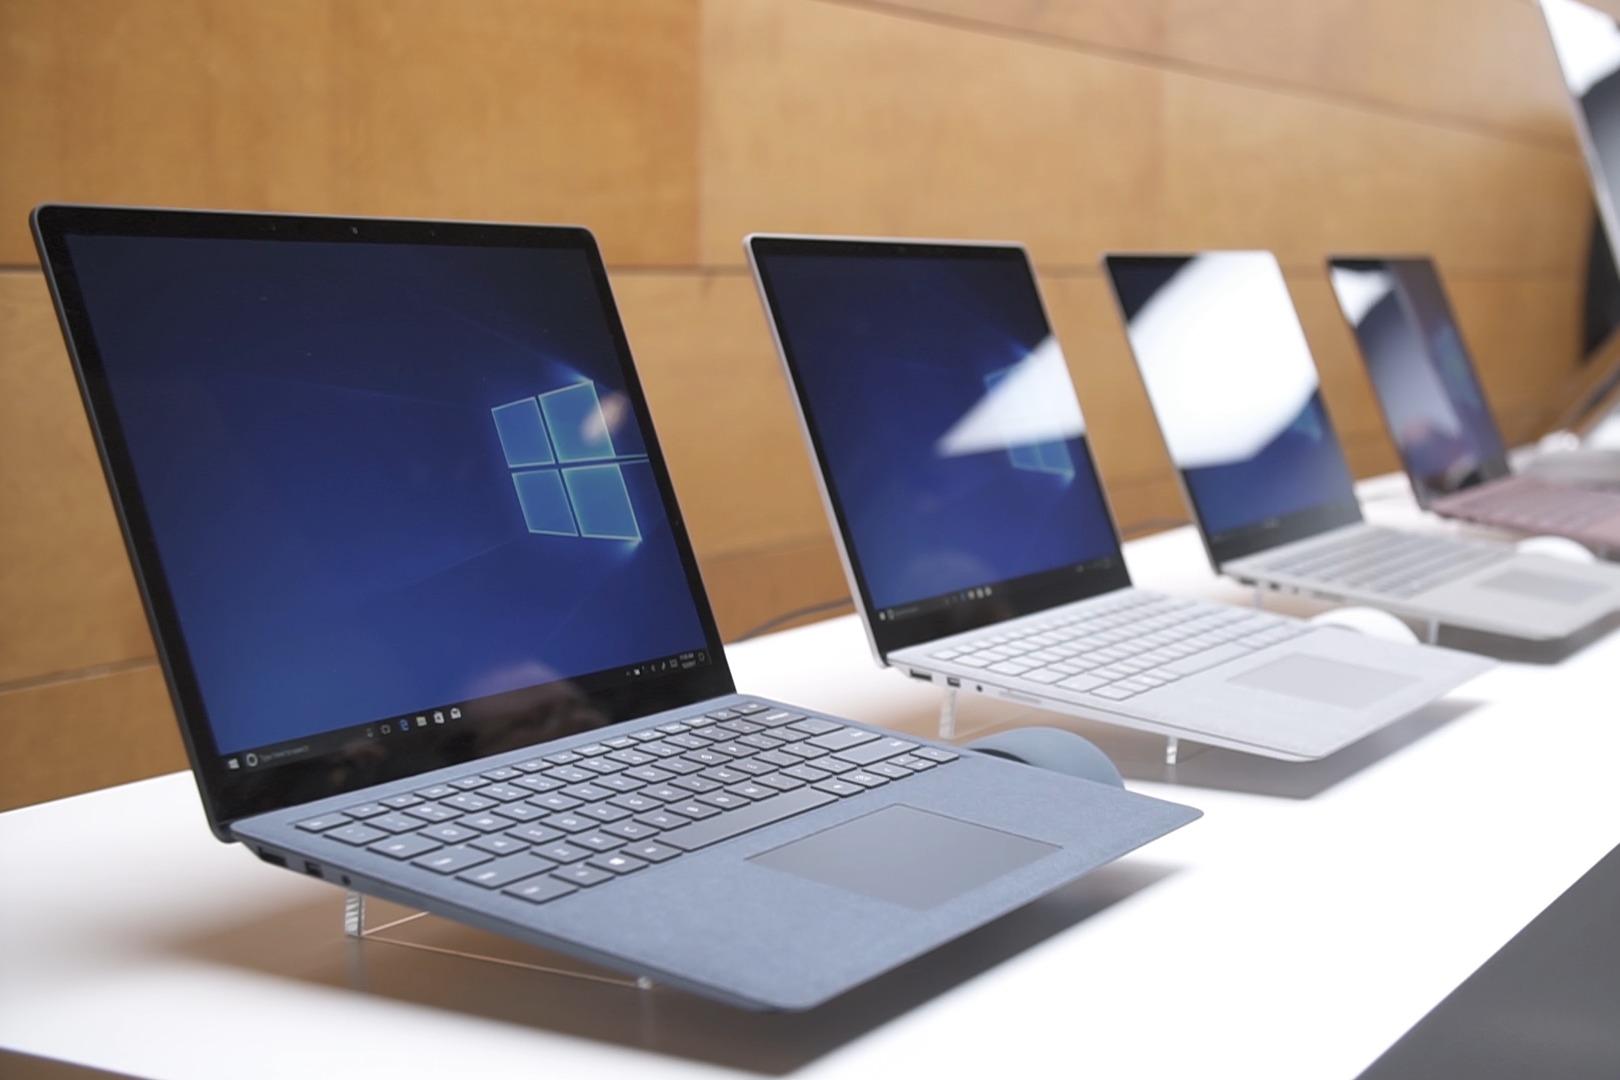 Sinh-vien-nen-lua-chon-hang-san-xuat-Laptop-uy-tin-de-mua